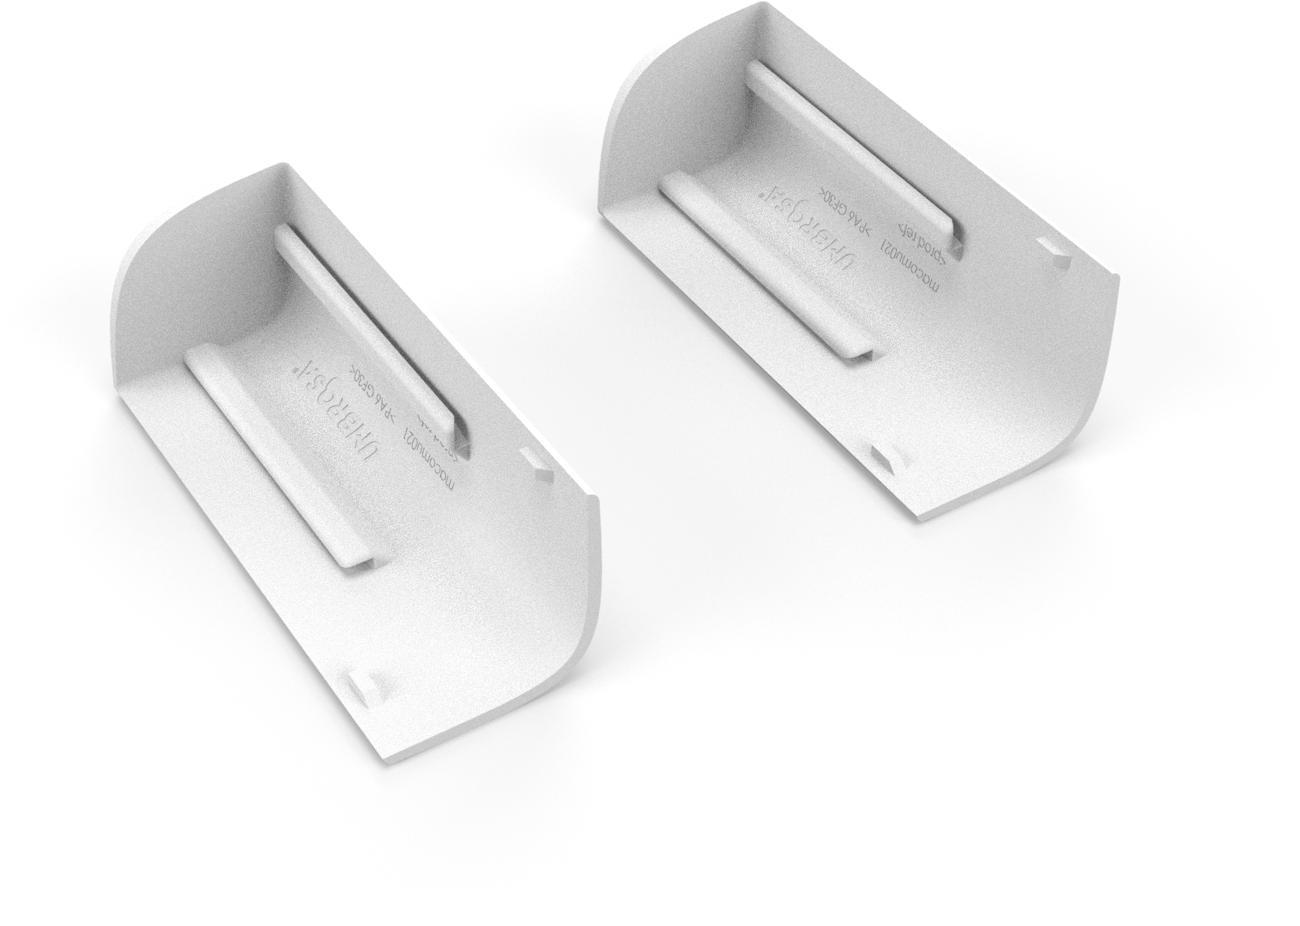 Set de 2 pièces de coin pour cache BLANC de la base à dalles